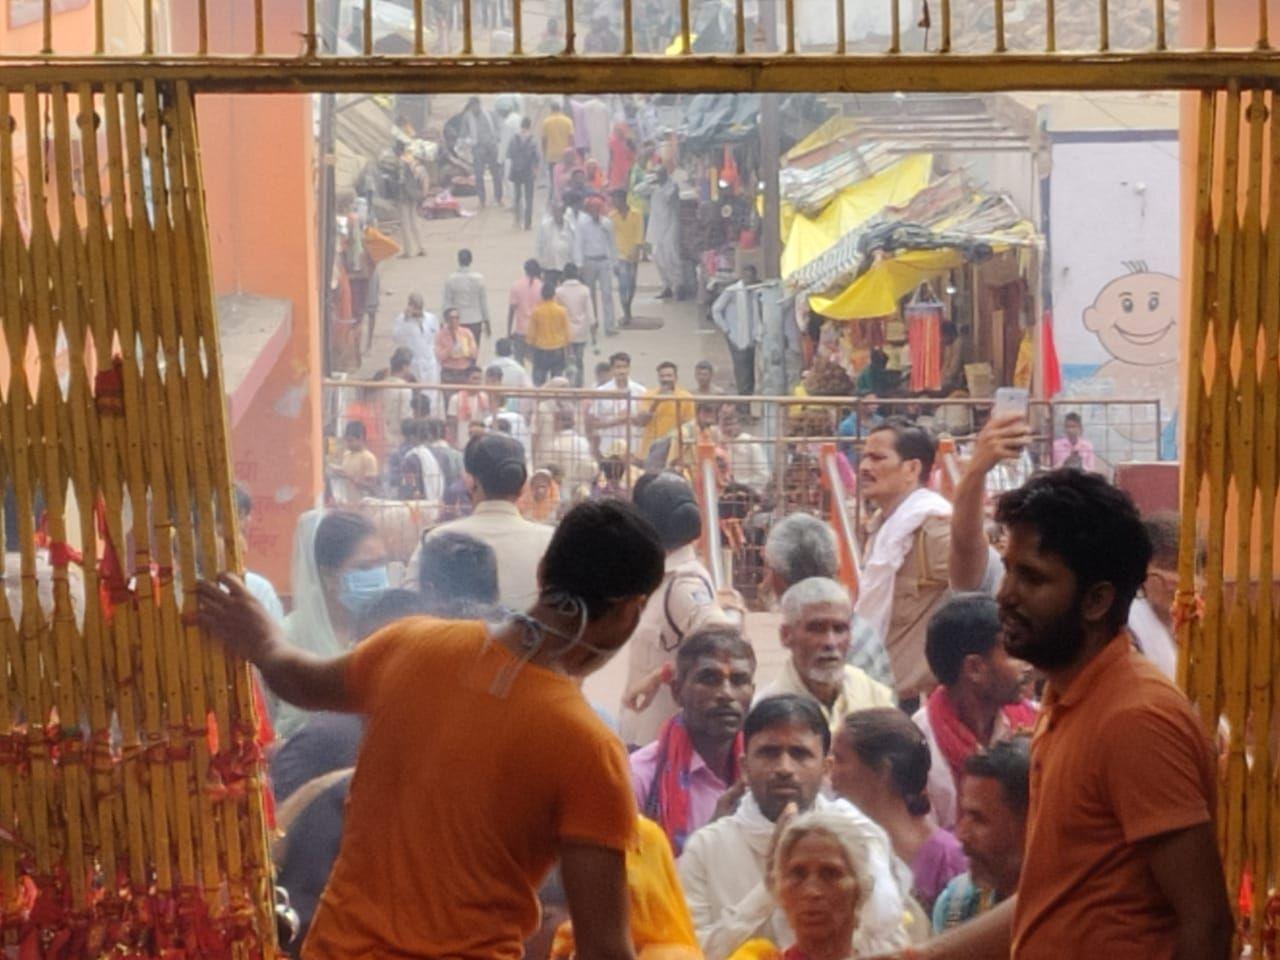 तस्वीर कामतानाथ मंदिर परिसर की है। यहां भीड़ देखकर ही अंदाजा लगाया जा सकता है कि ये आस्था का सैलाब कोरोना का सुपर स्प्रेडर बन सकता है।